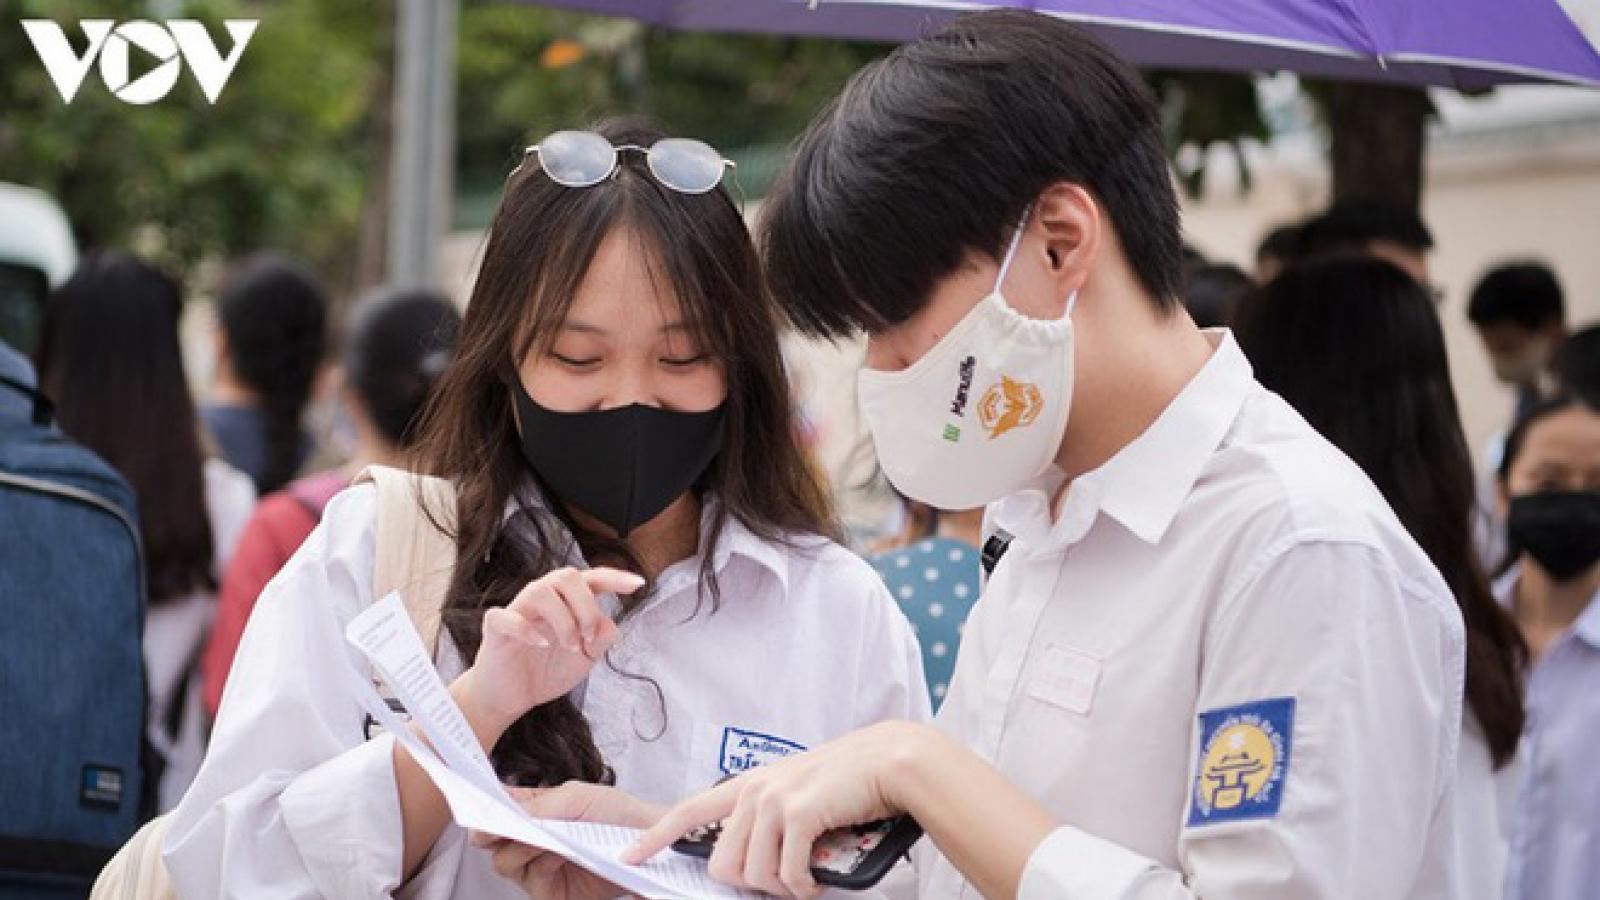 Bộ Giáo dục và Đào tạo bắt đầu công bố đáp án chấm thi tốt nghiệp